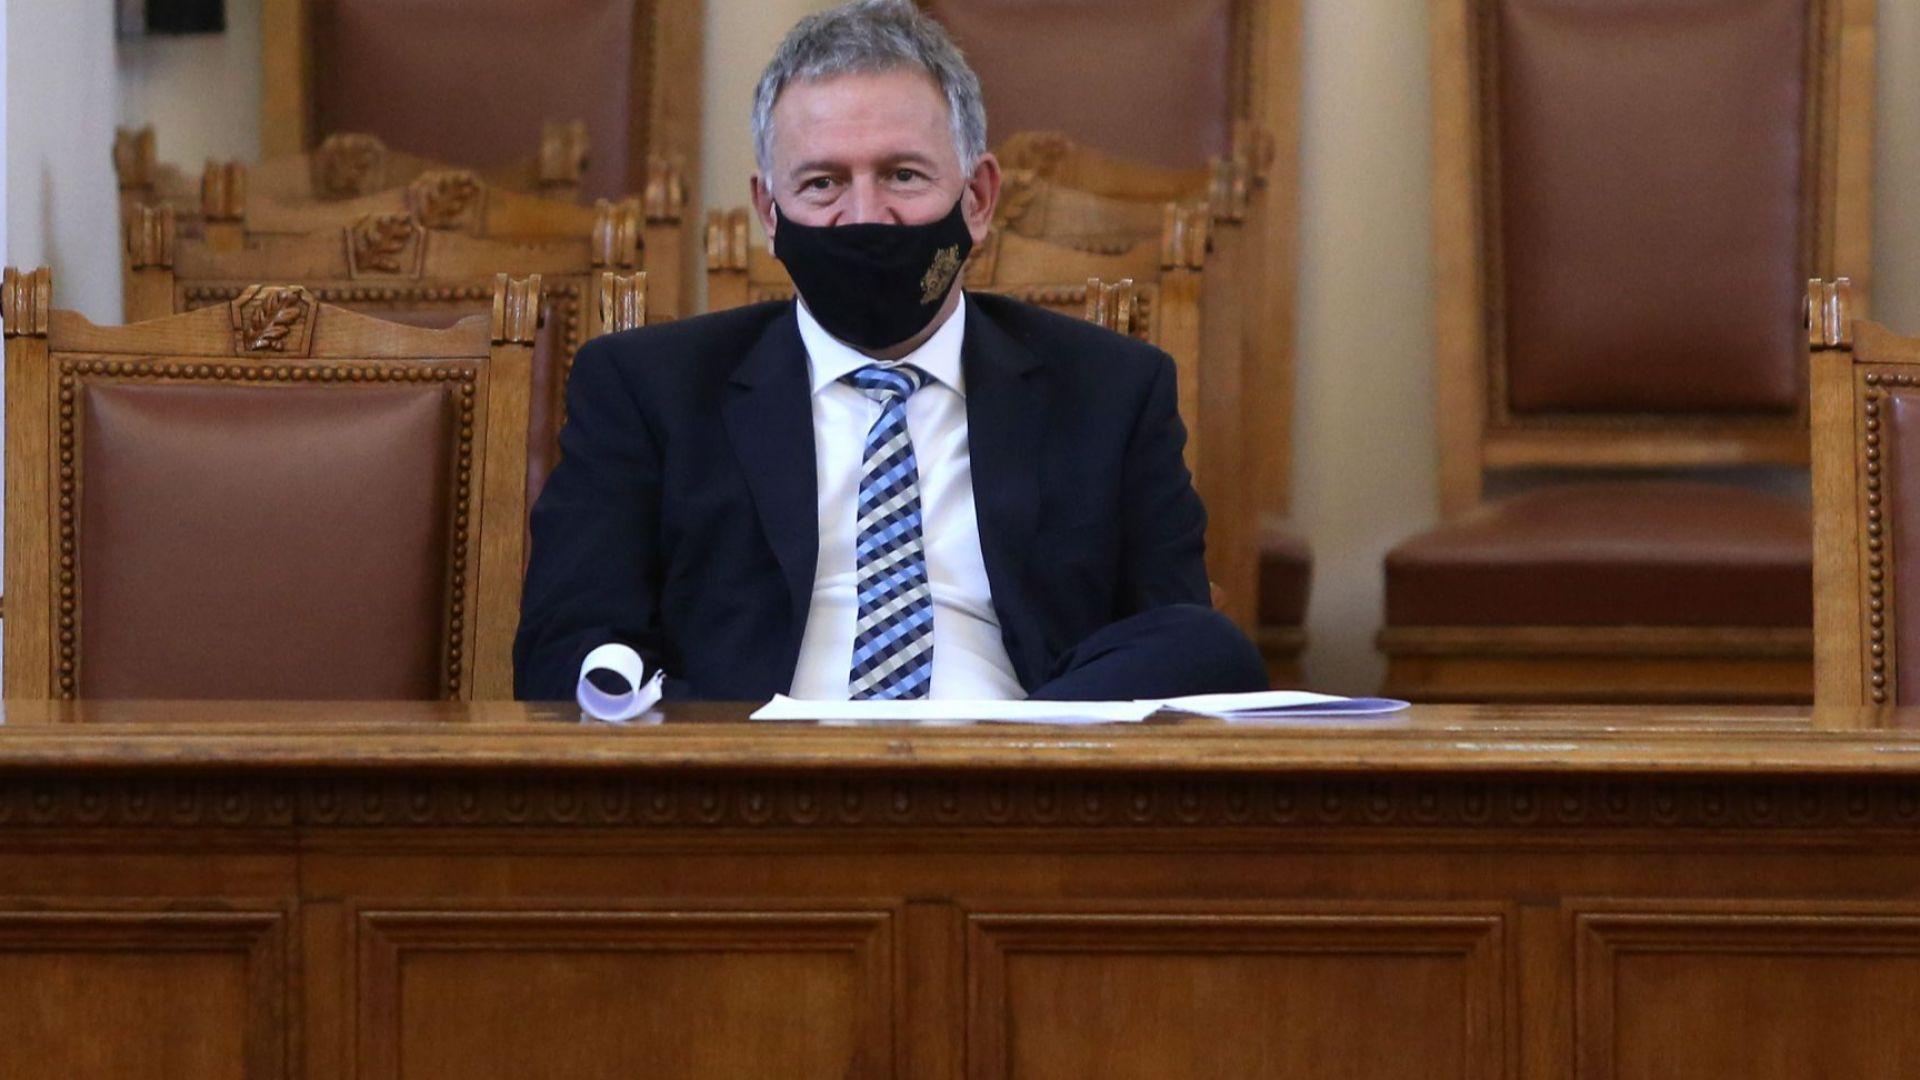 Д-р Кацаров: Щях да имам лежерен мандат, ако ГЕРБ не бяха съсипали здравната система